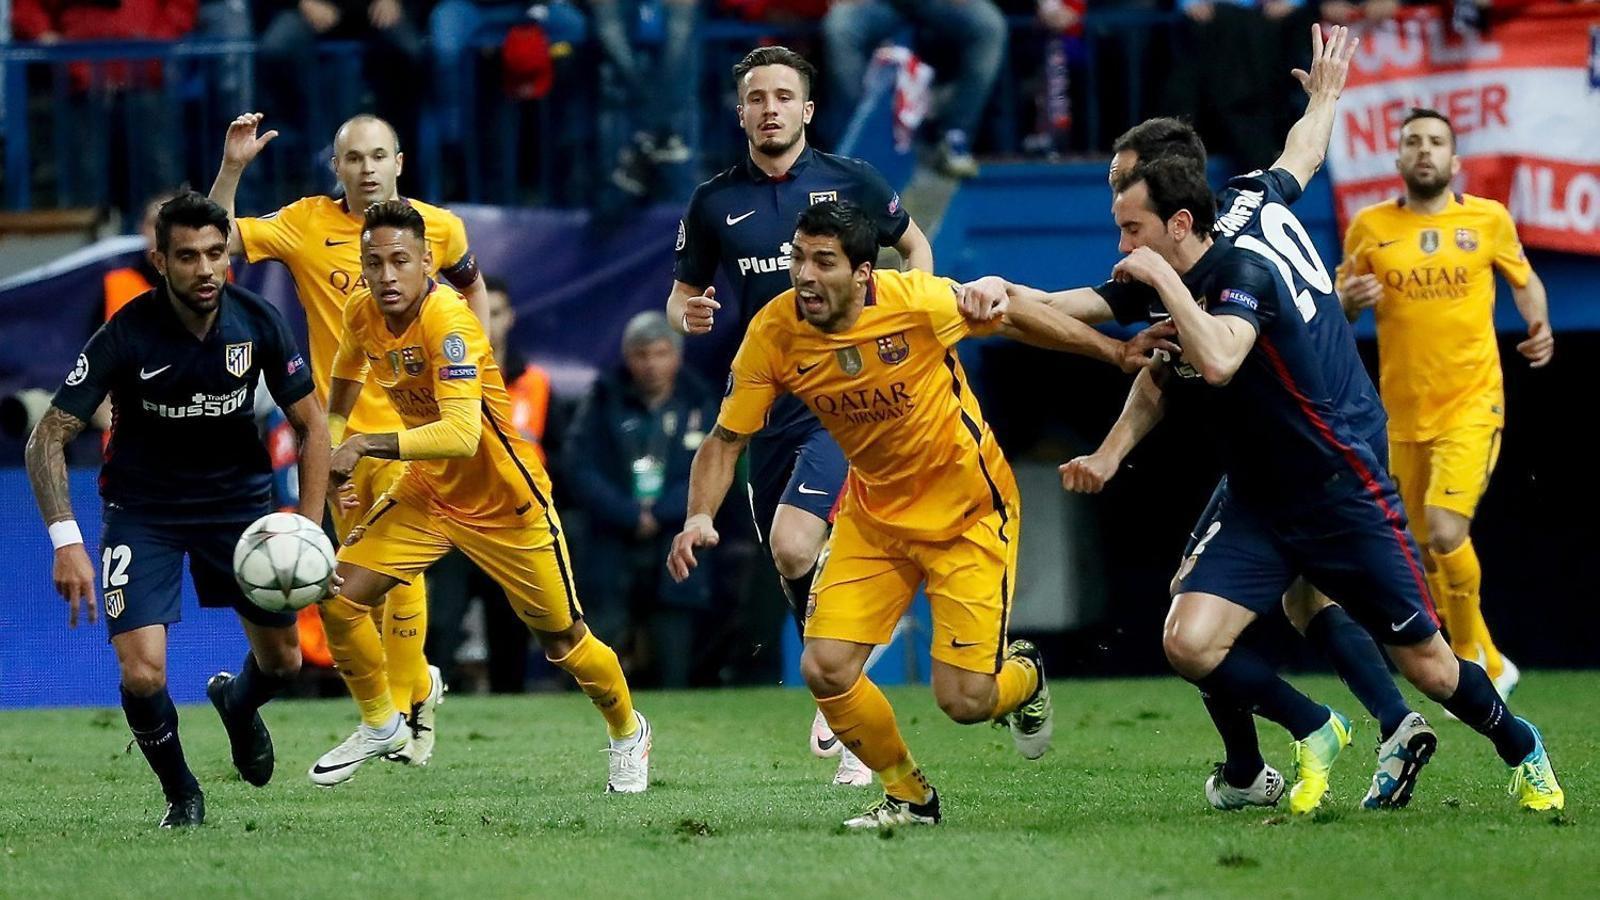 Amb 1.375.000 espectadors, el Barça-Atlètic va ser el més vist a TV3 a l'abril i lidera la temporada.